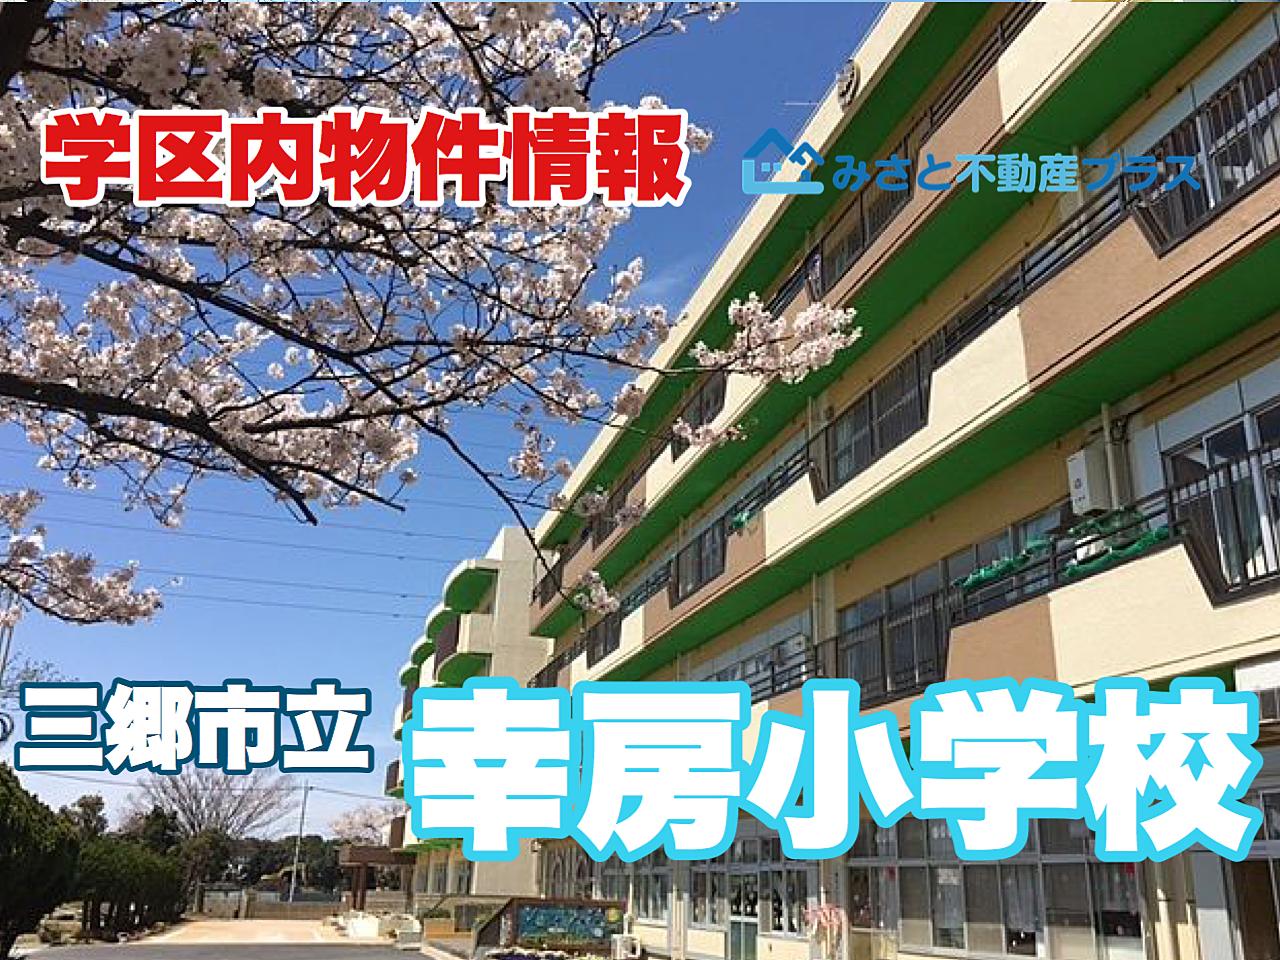 【幸房小学校編】三郷市の小学校から物件探し